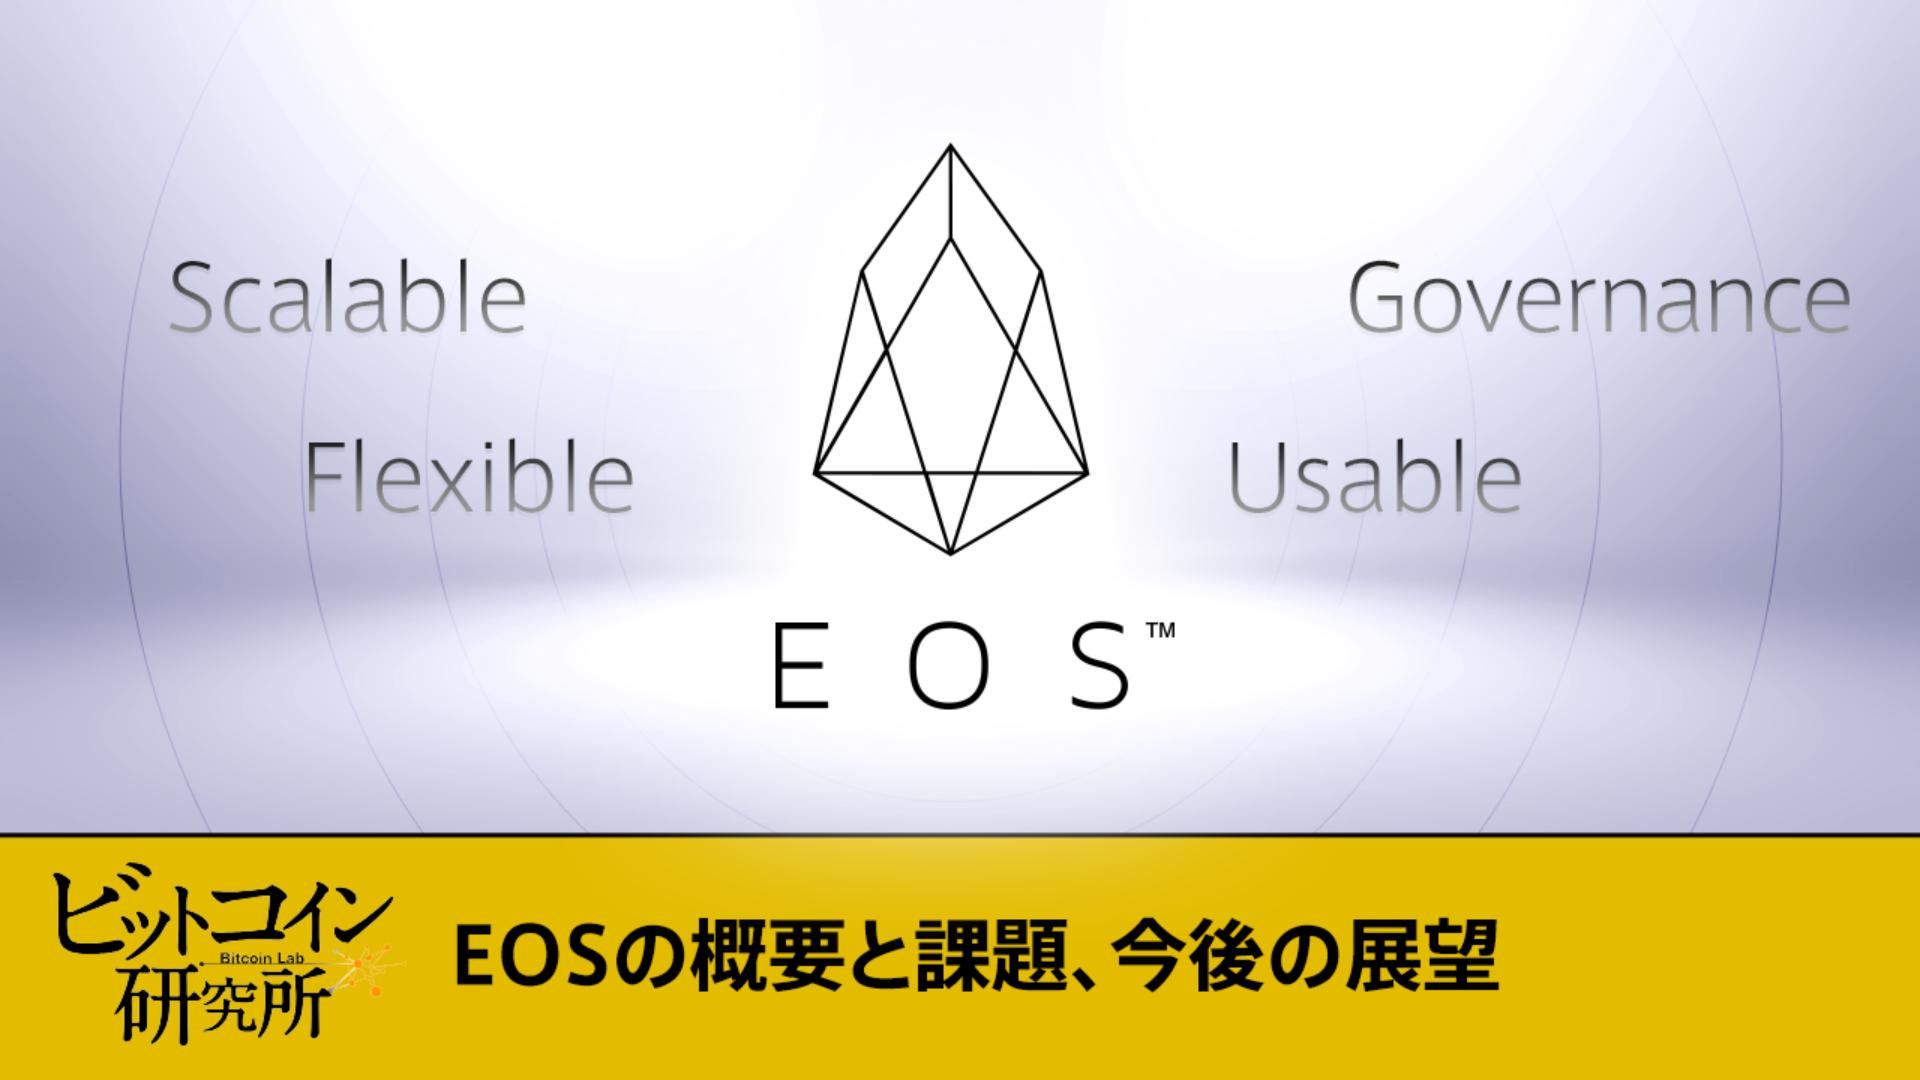 【レポート No.111】EOSの概要と課題、今後の展望